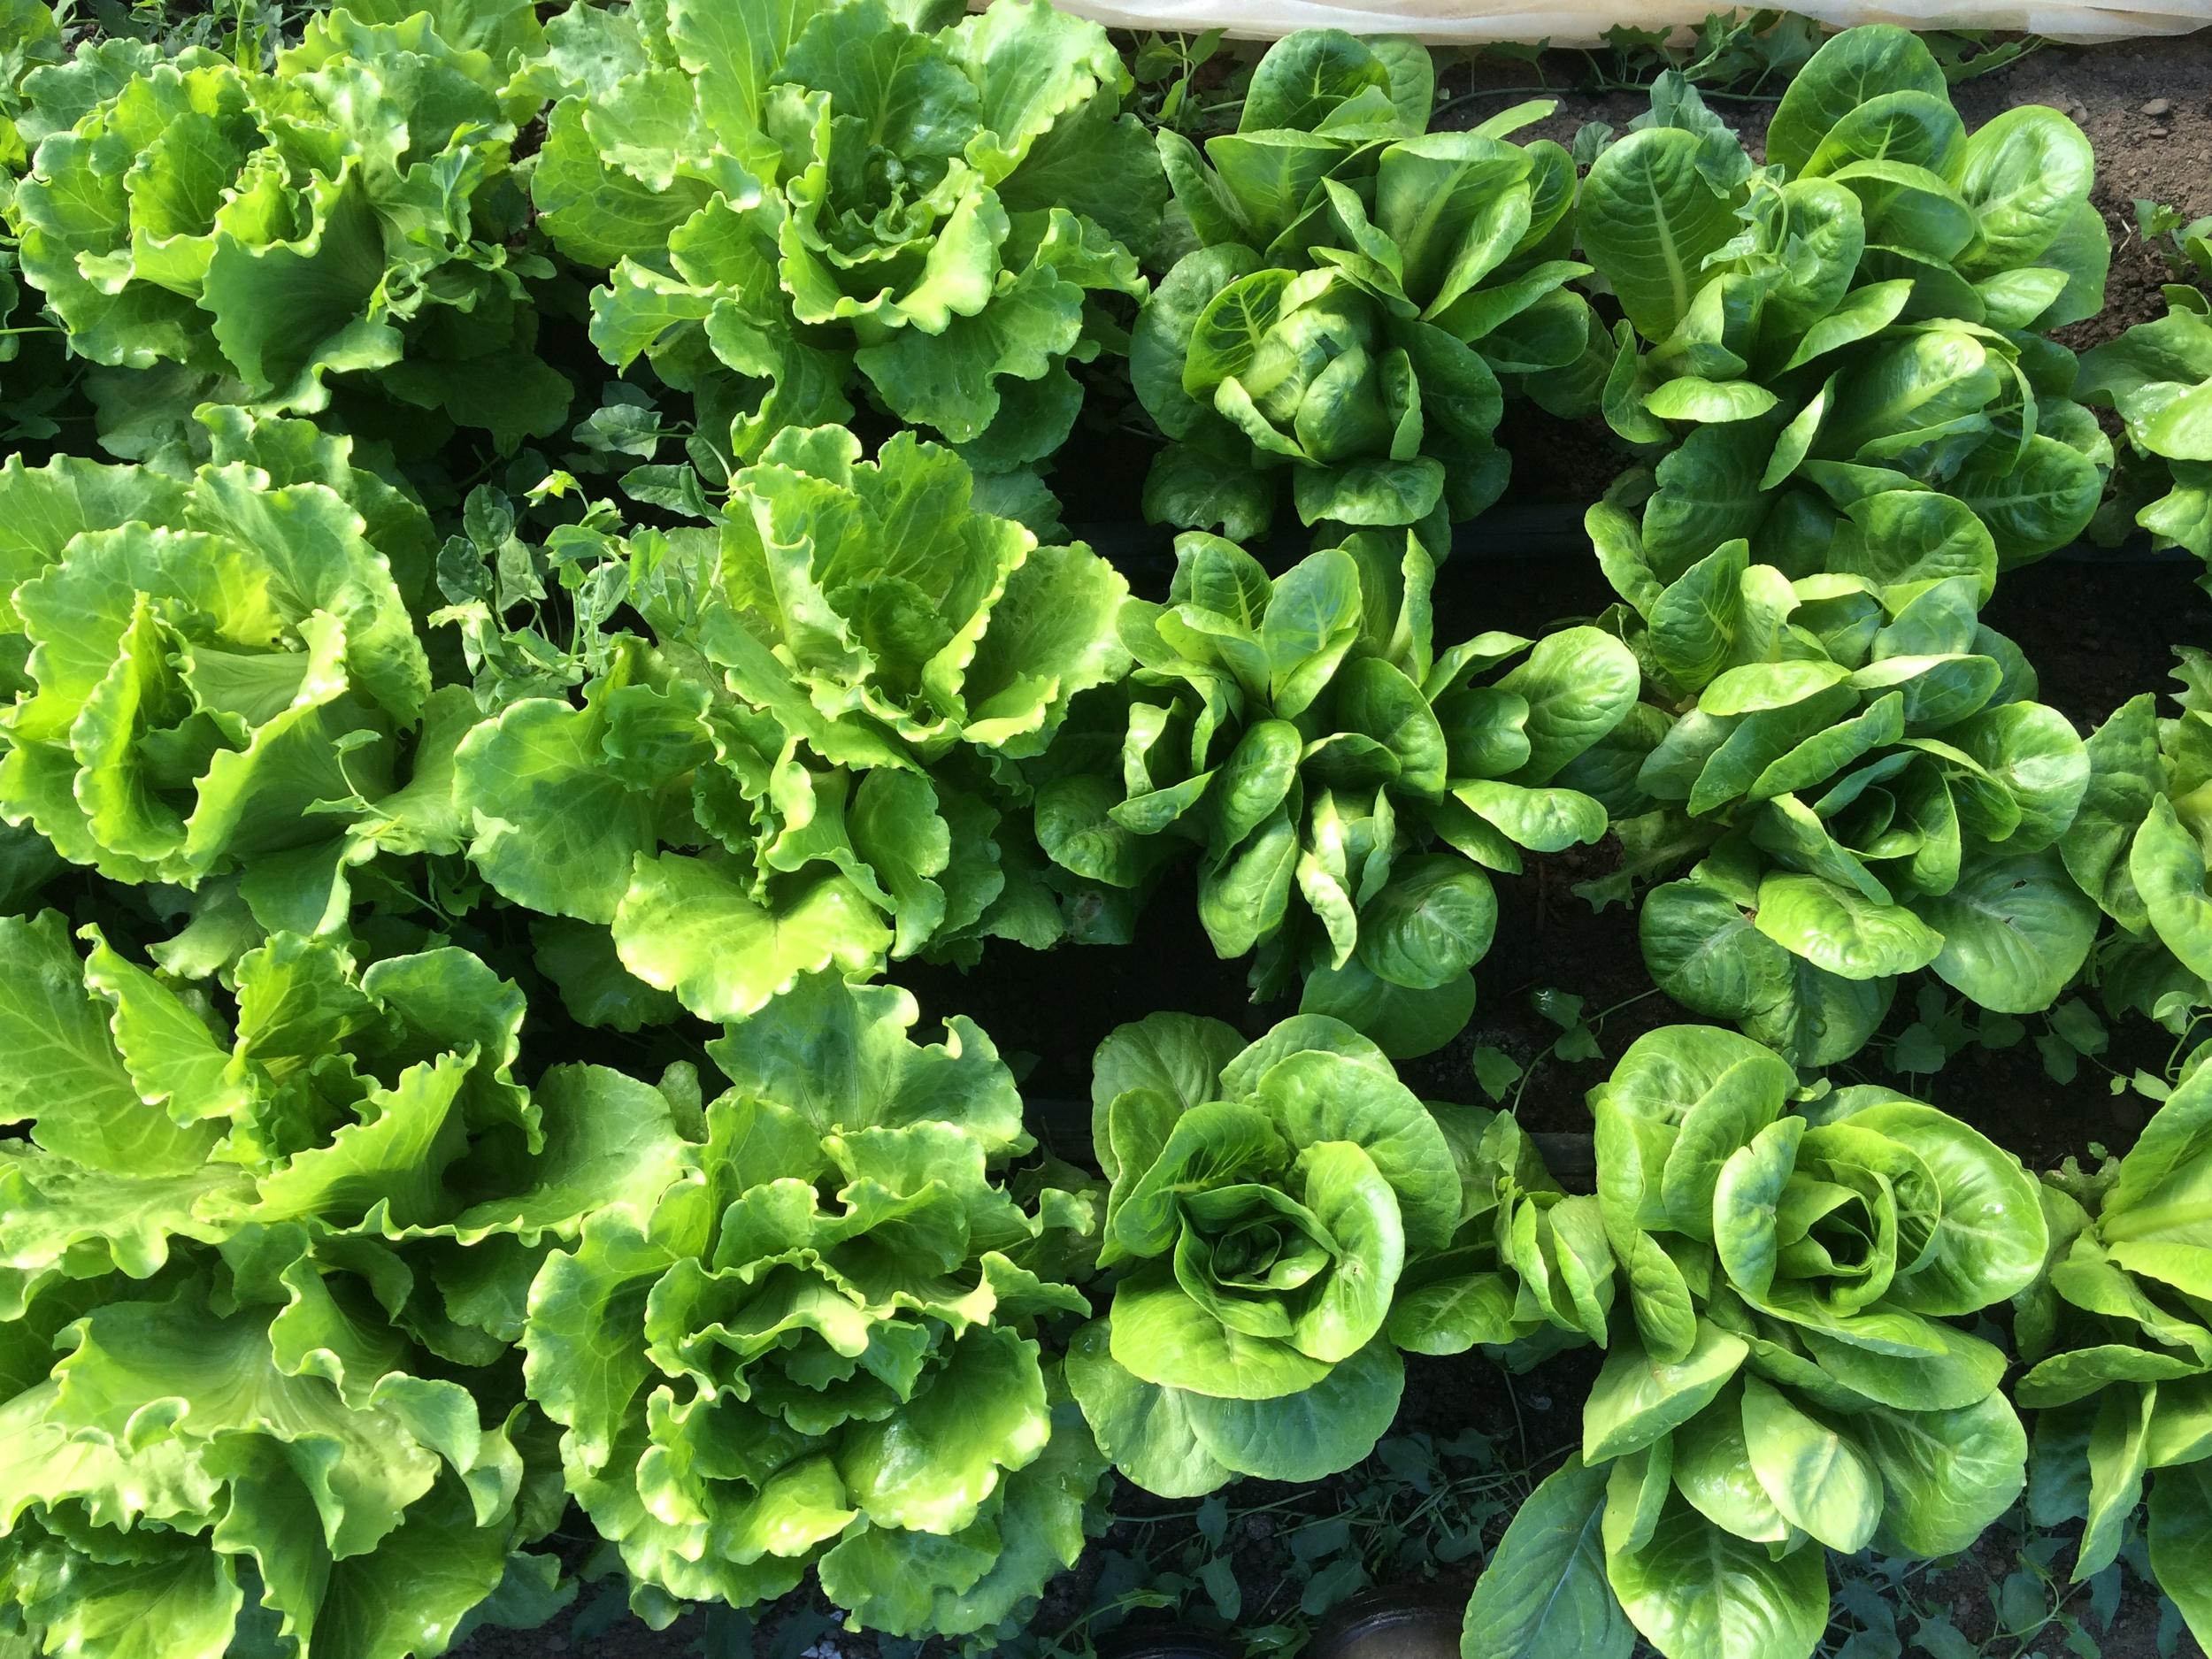 Head lettuce ready for harvest.